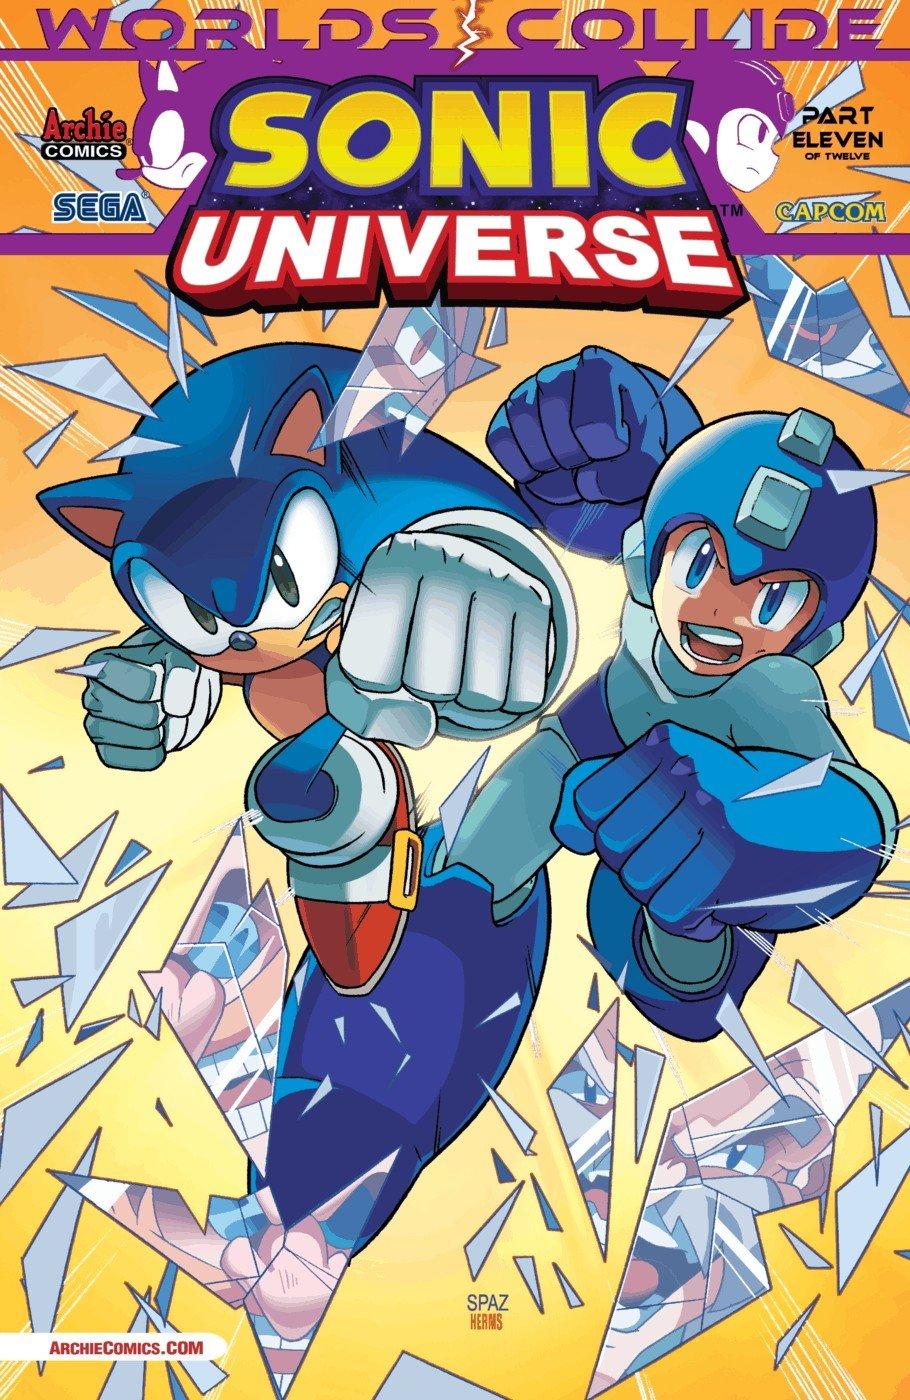 Sonic Universe 054 (September 2013)